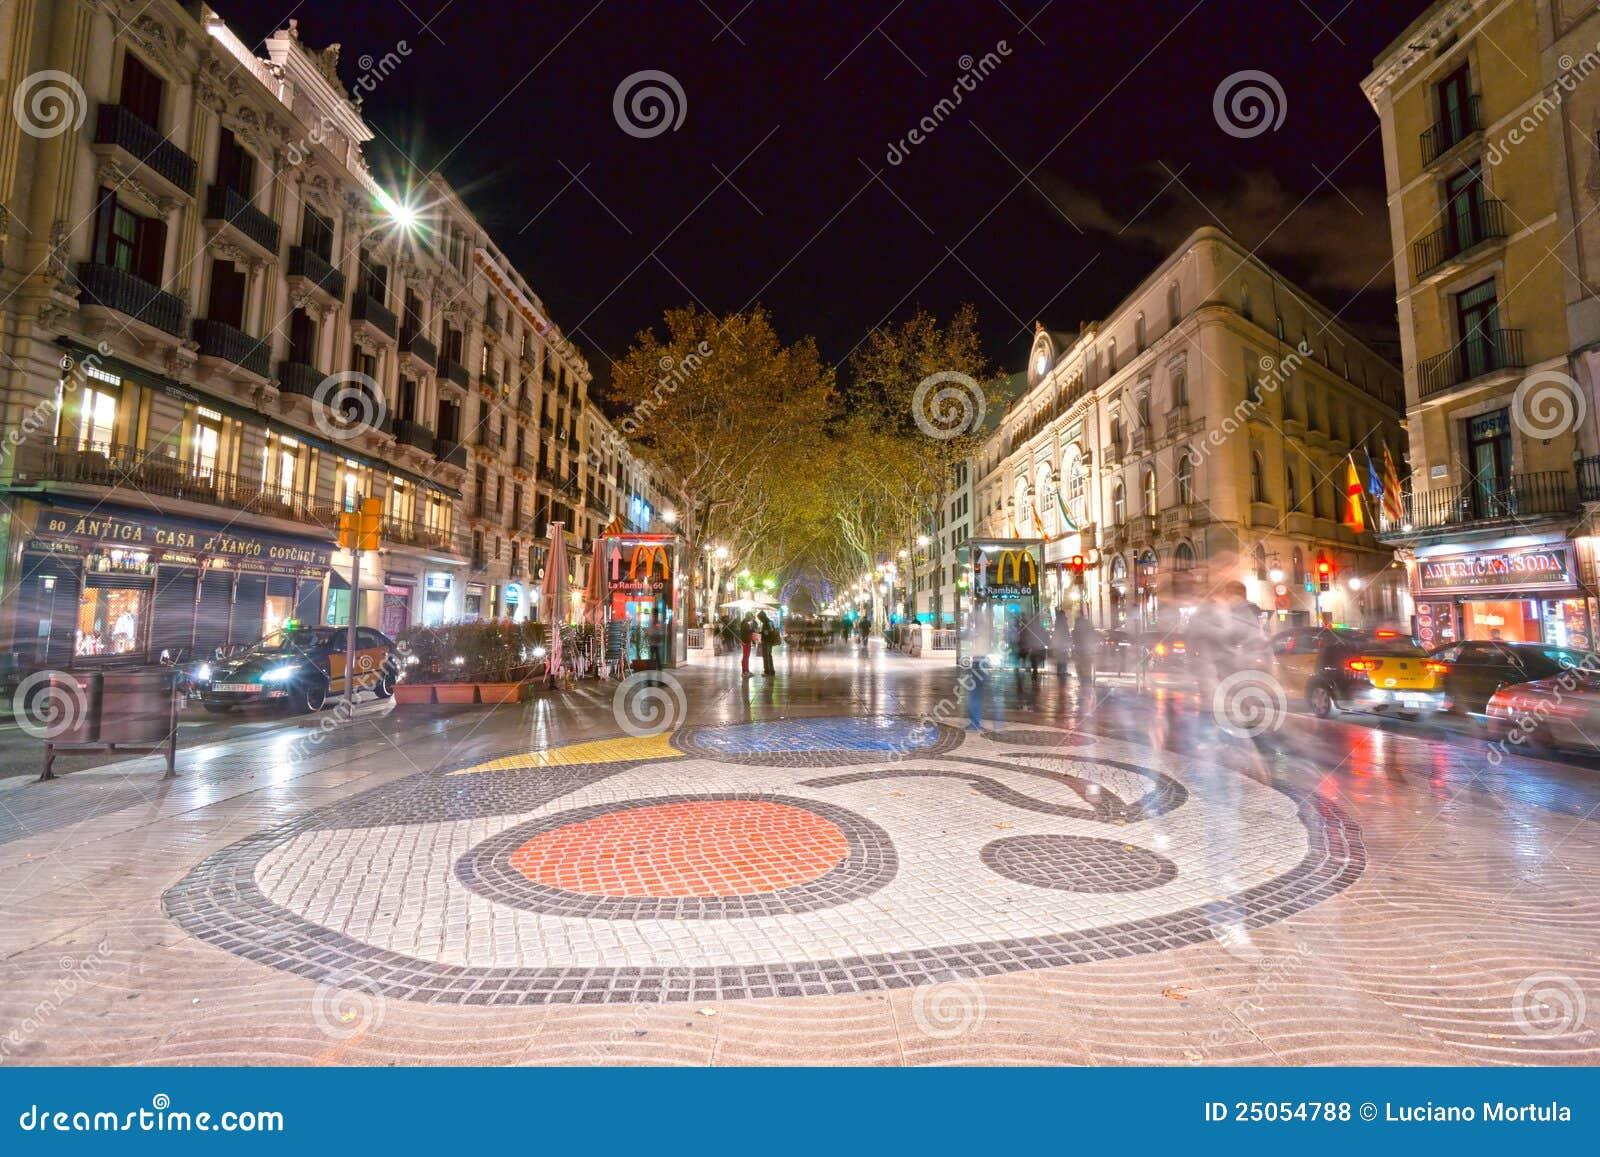 La rambla di barcellona spagna fotografia stock for Spagna barcellona